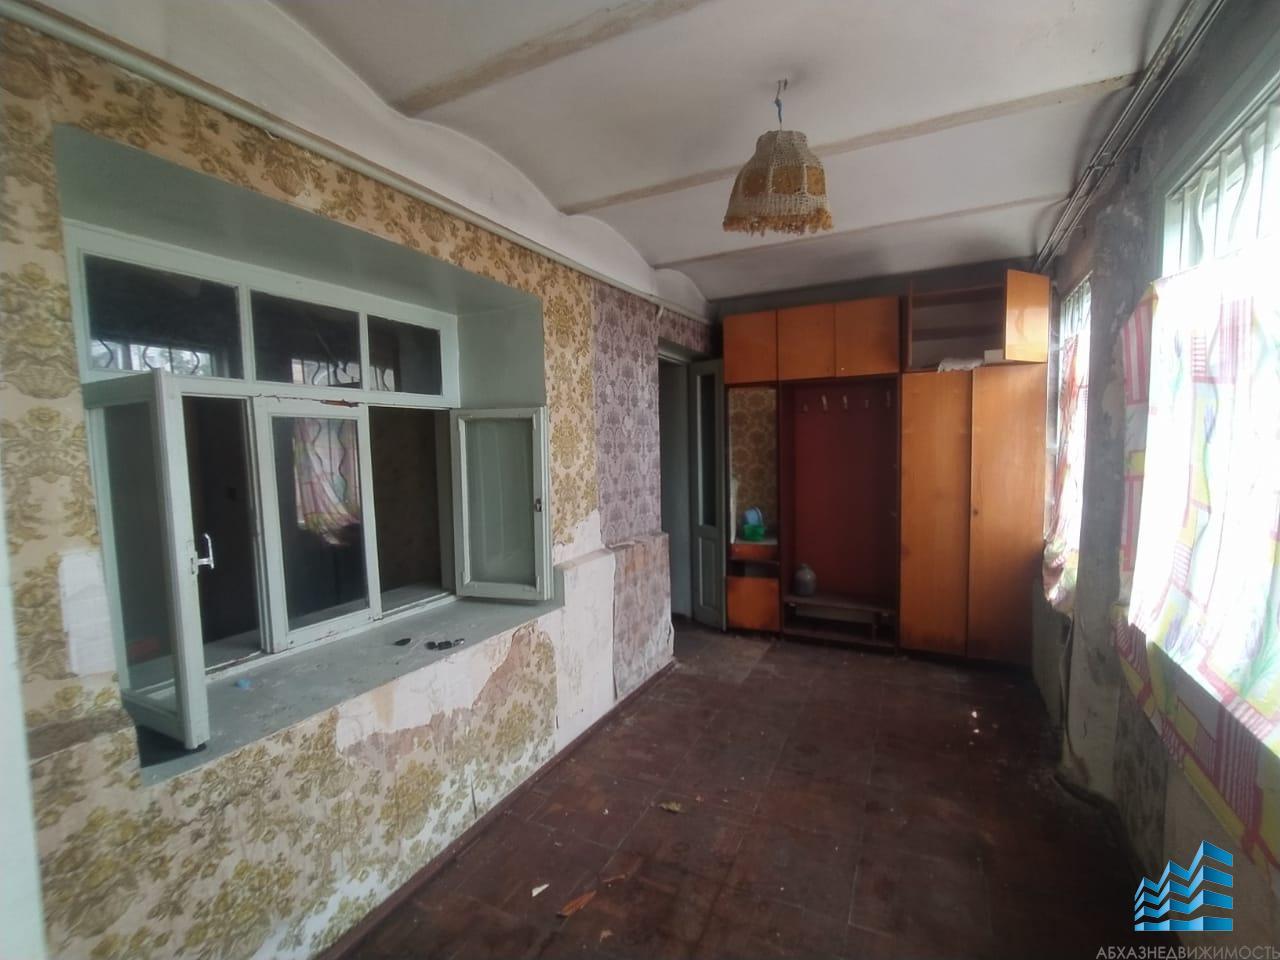 371. Часть дома состоящая из 3 комнат на Турбазе